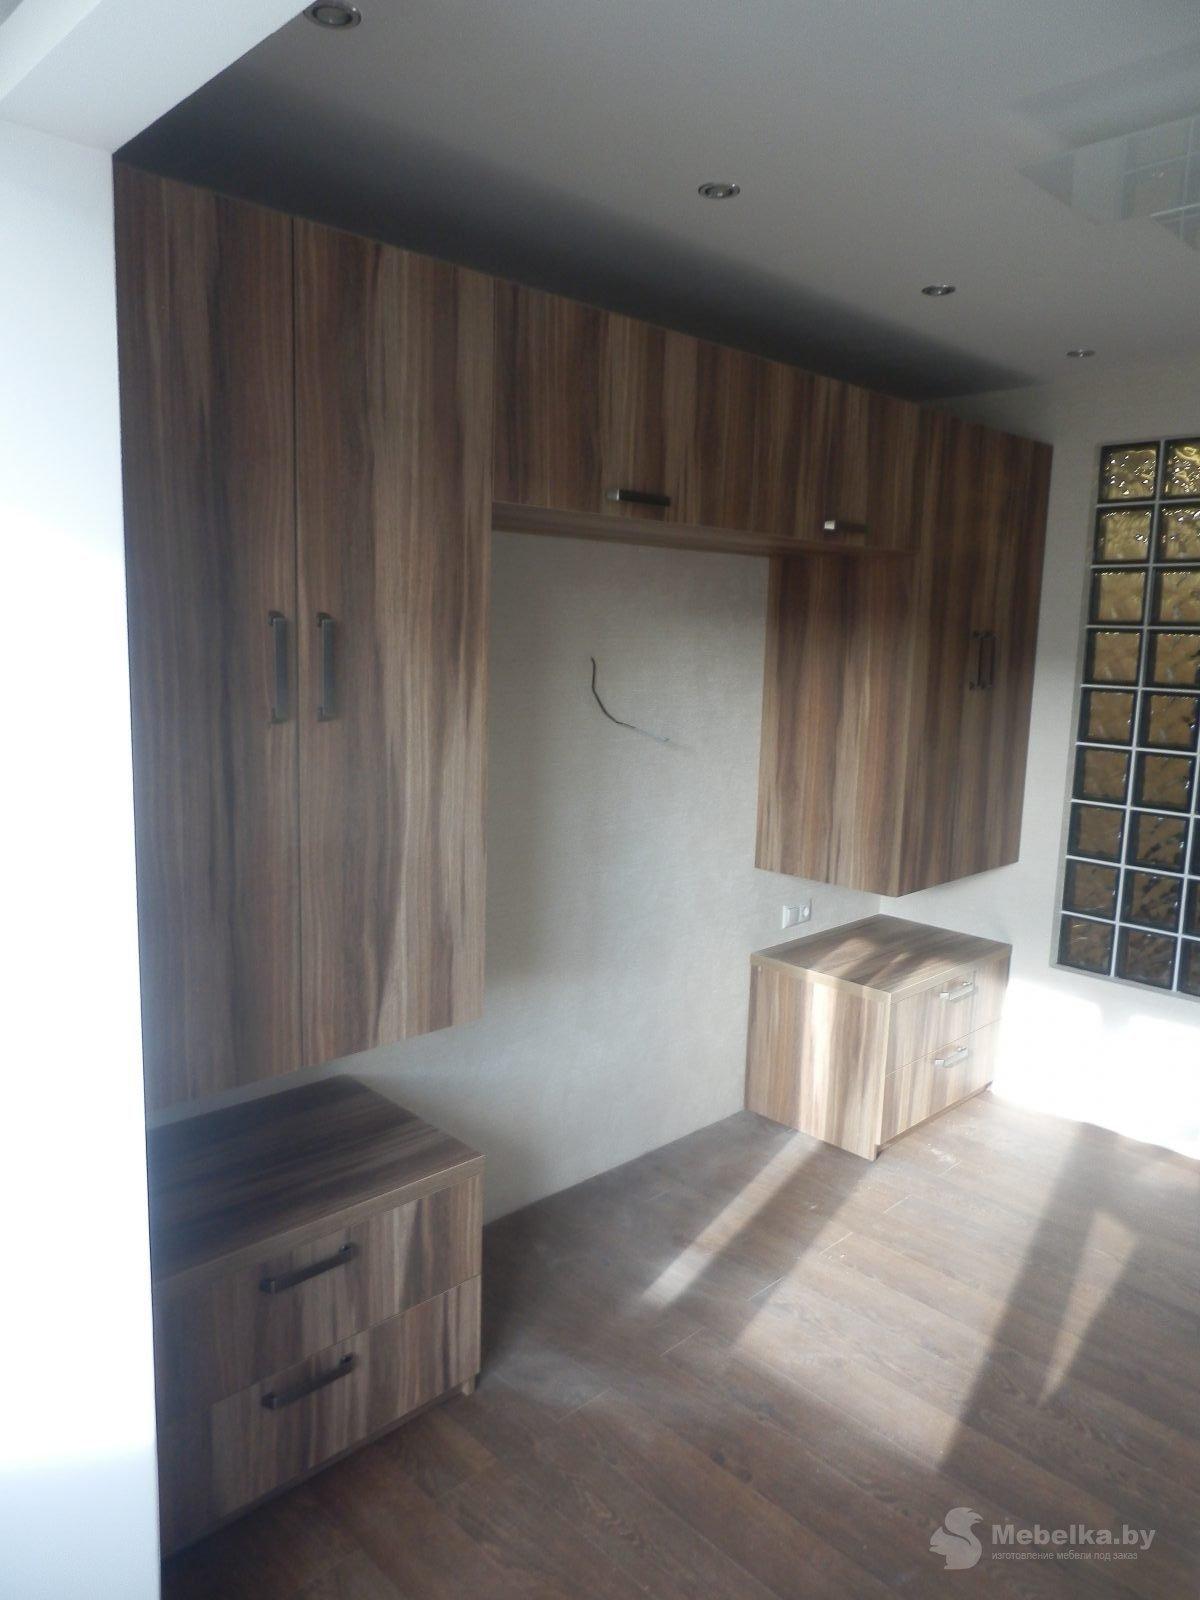 Подвесные шкафы с антресолью и тумбочками для спальни